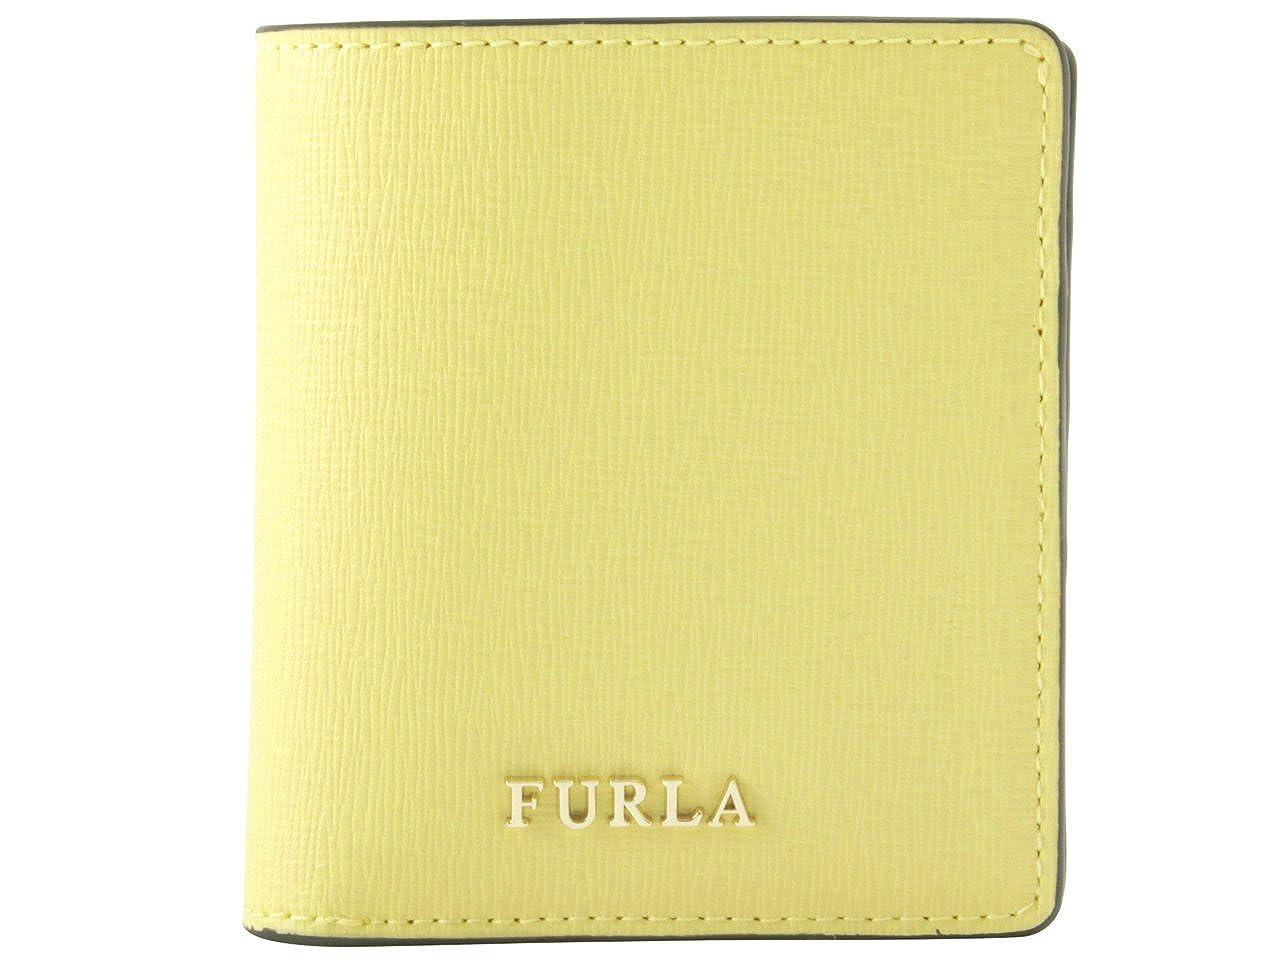 (フルラ) FURLA 財布 二つ折り 922545 [並行輸入品] B07DR5V1HS